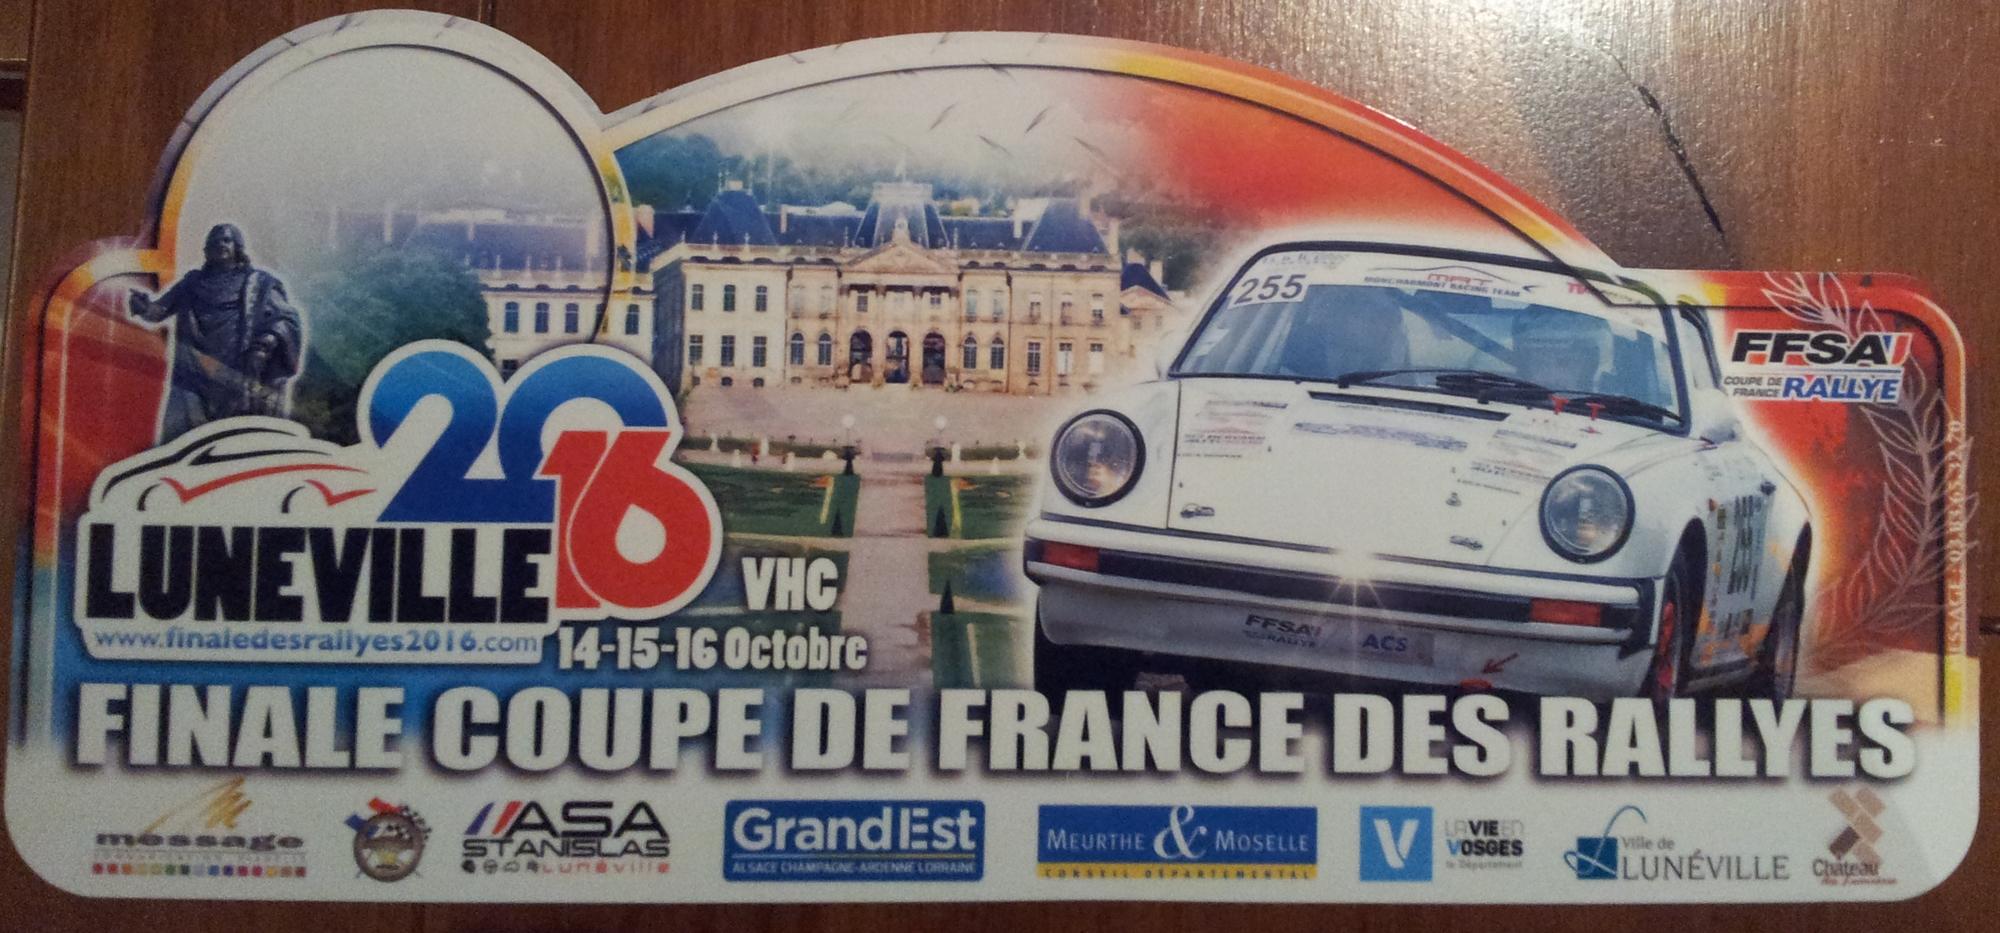 Finale finale de la coupe de france des rallyes 2016 13 16 octobre page 145 rallyes - Coupe de france des rallyes ...